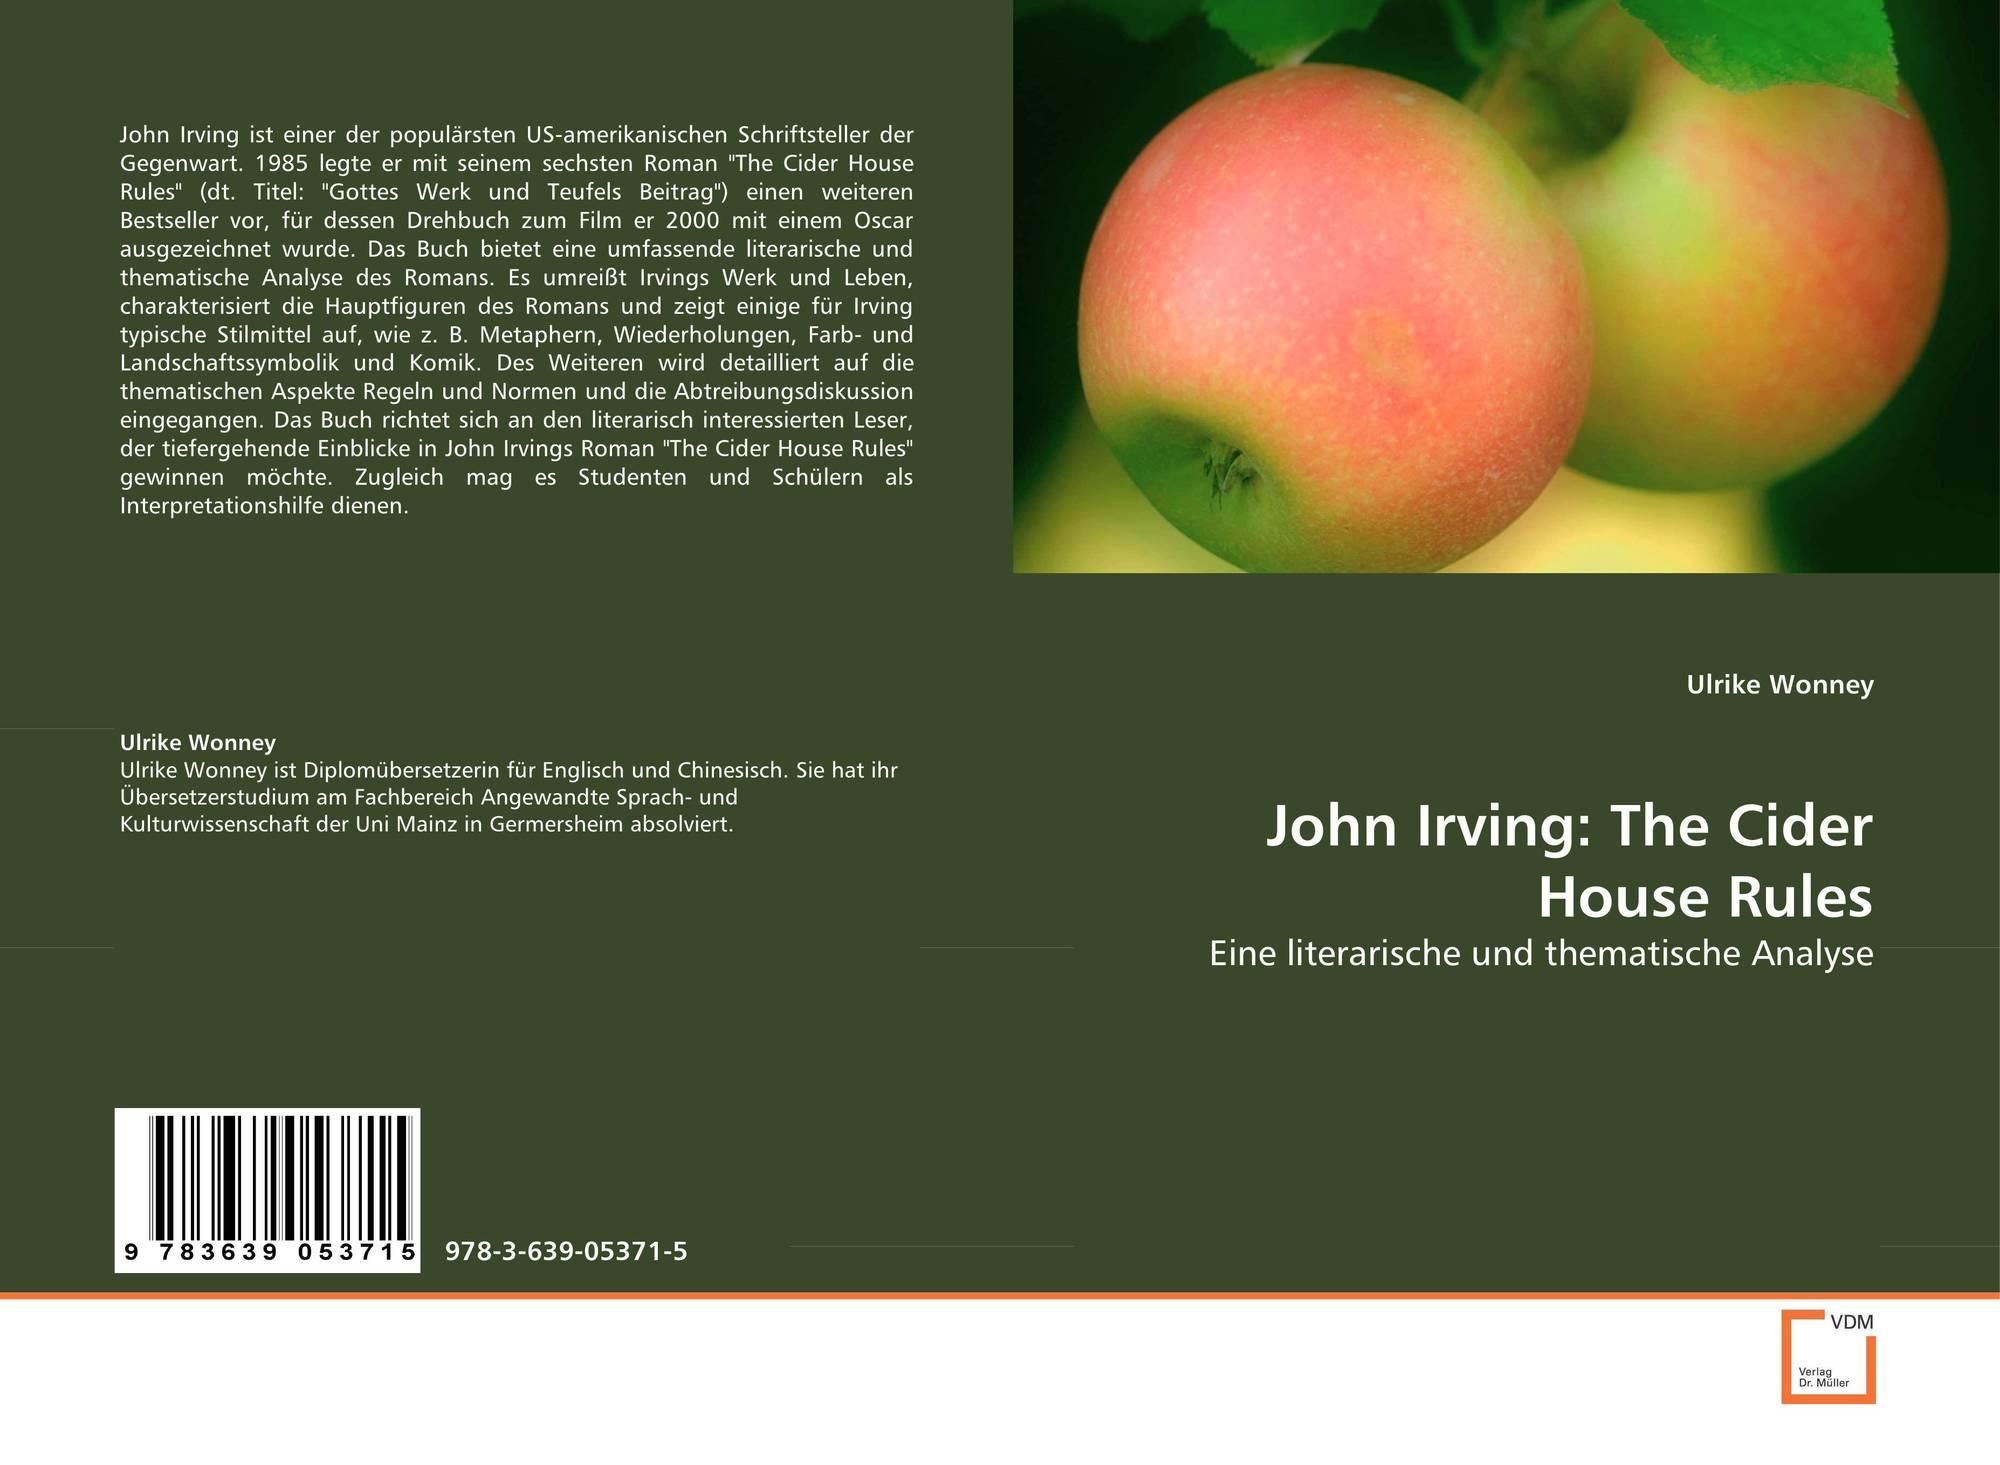 john irvings the cider house rules essay The cider house rules von john irving john (winslow) irving, geboren am 2 seine kindheit verbrachte irving in neuengland 1957 begann er mit dem ringen 19jährig wusste irving, was er werden wollte: ringer und romancier.